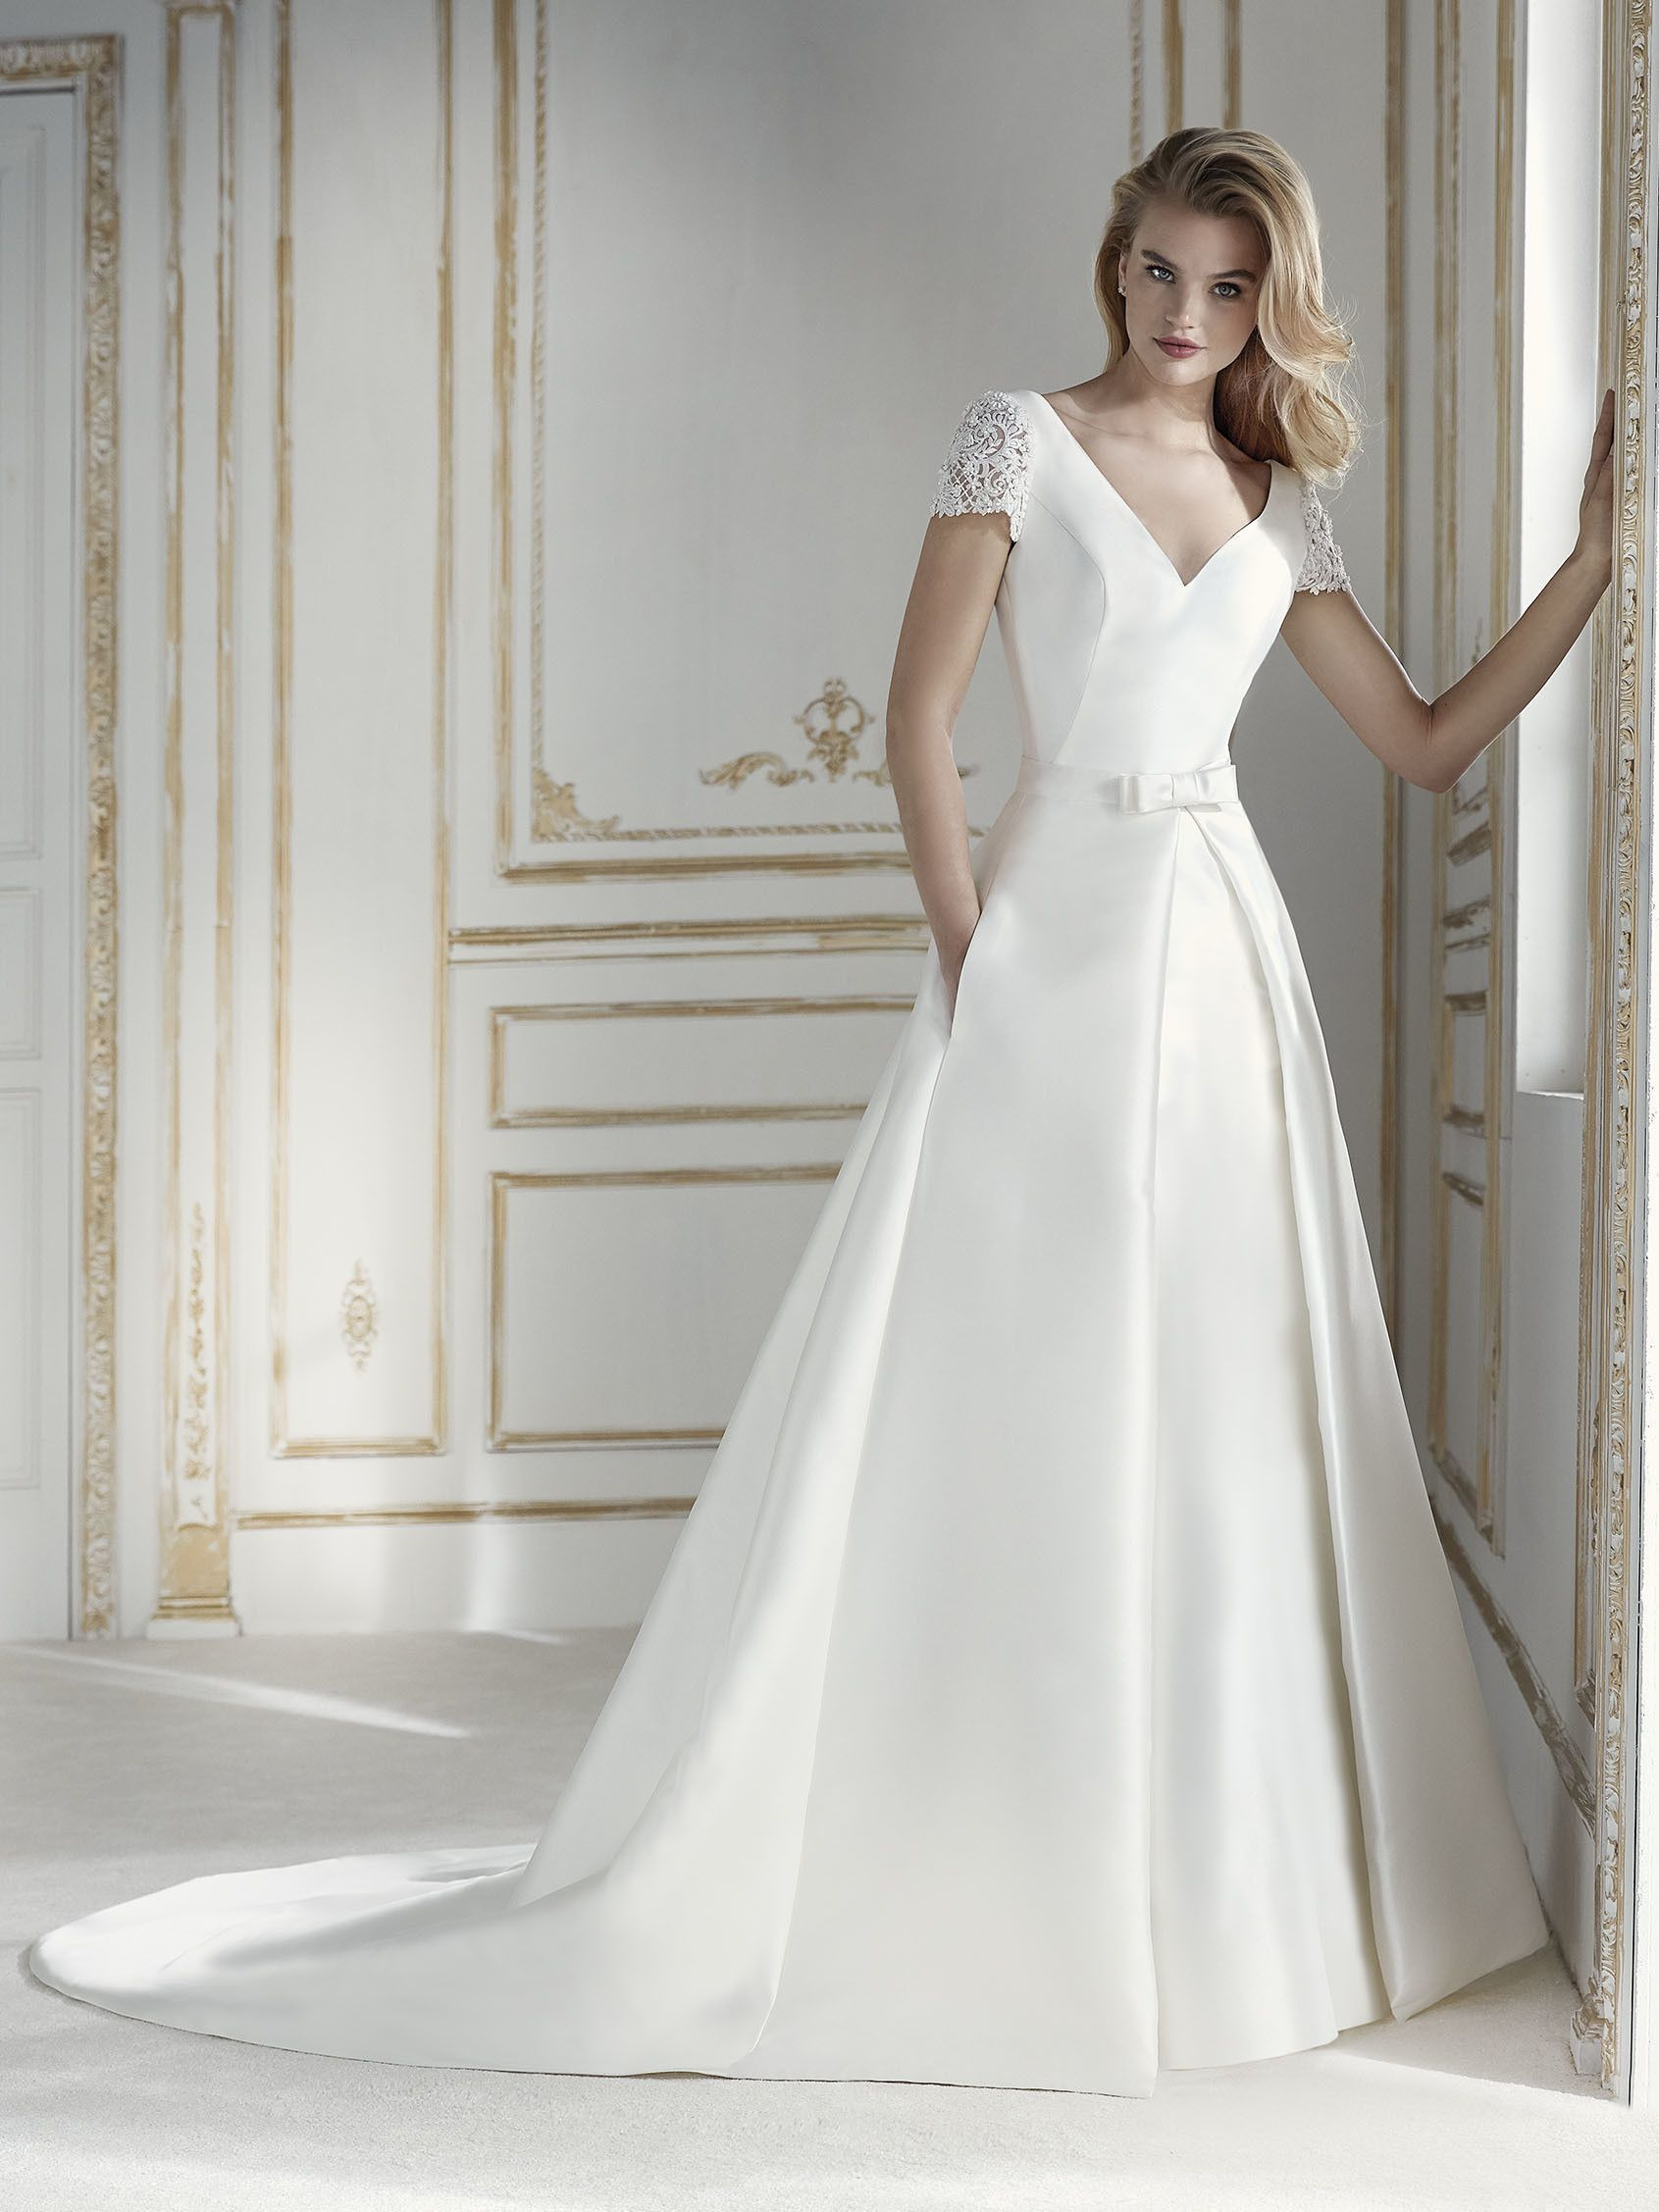 Tolle Brautkleid Surrey Zeitgenössisch - Brautkleider Ideen ...